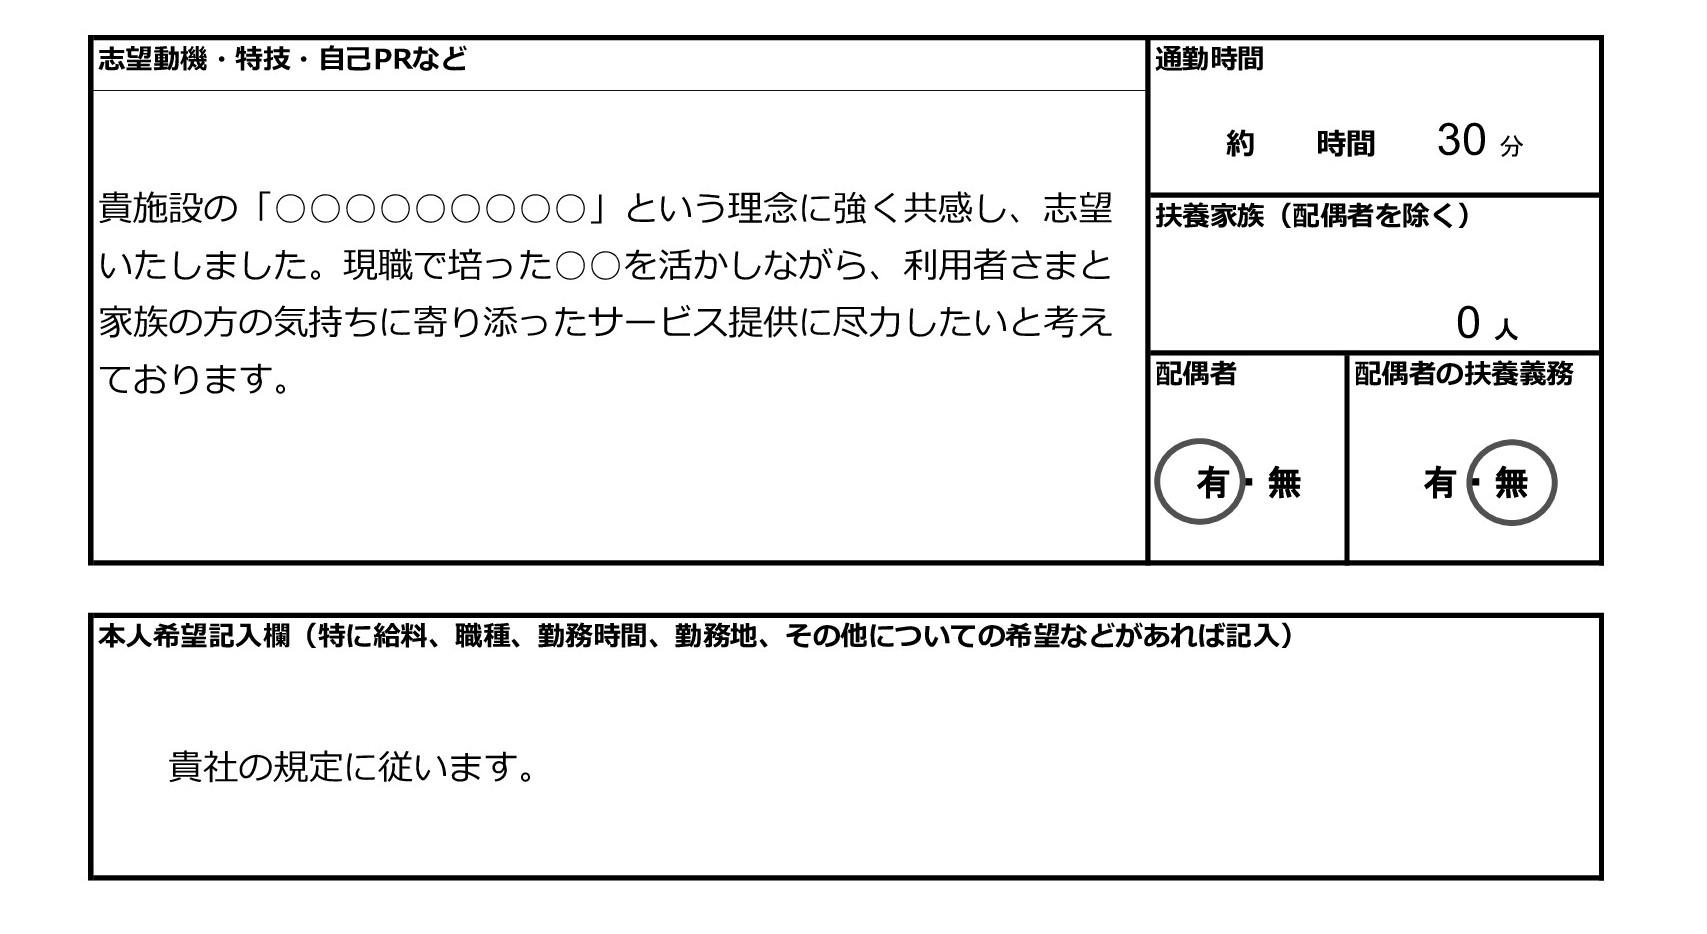 履歴書書き方見本-4_きらケア